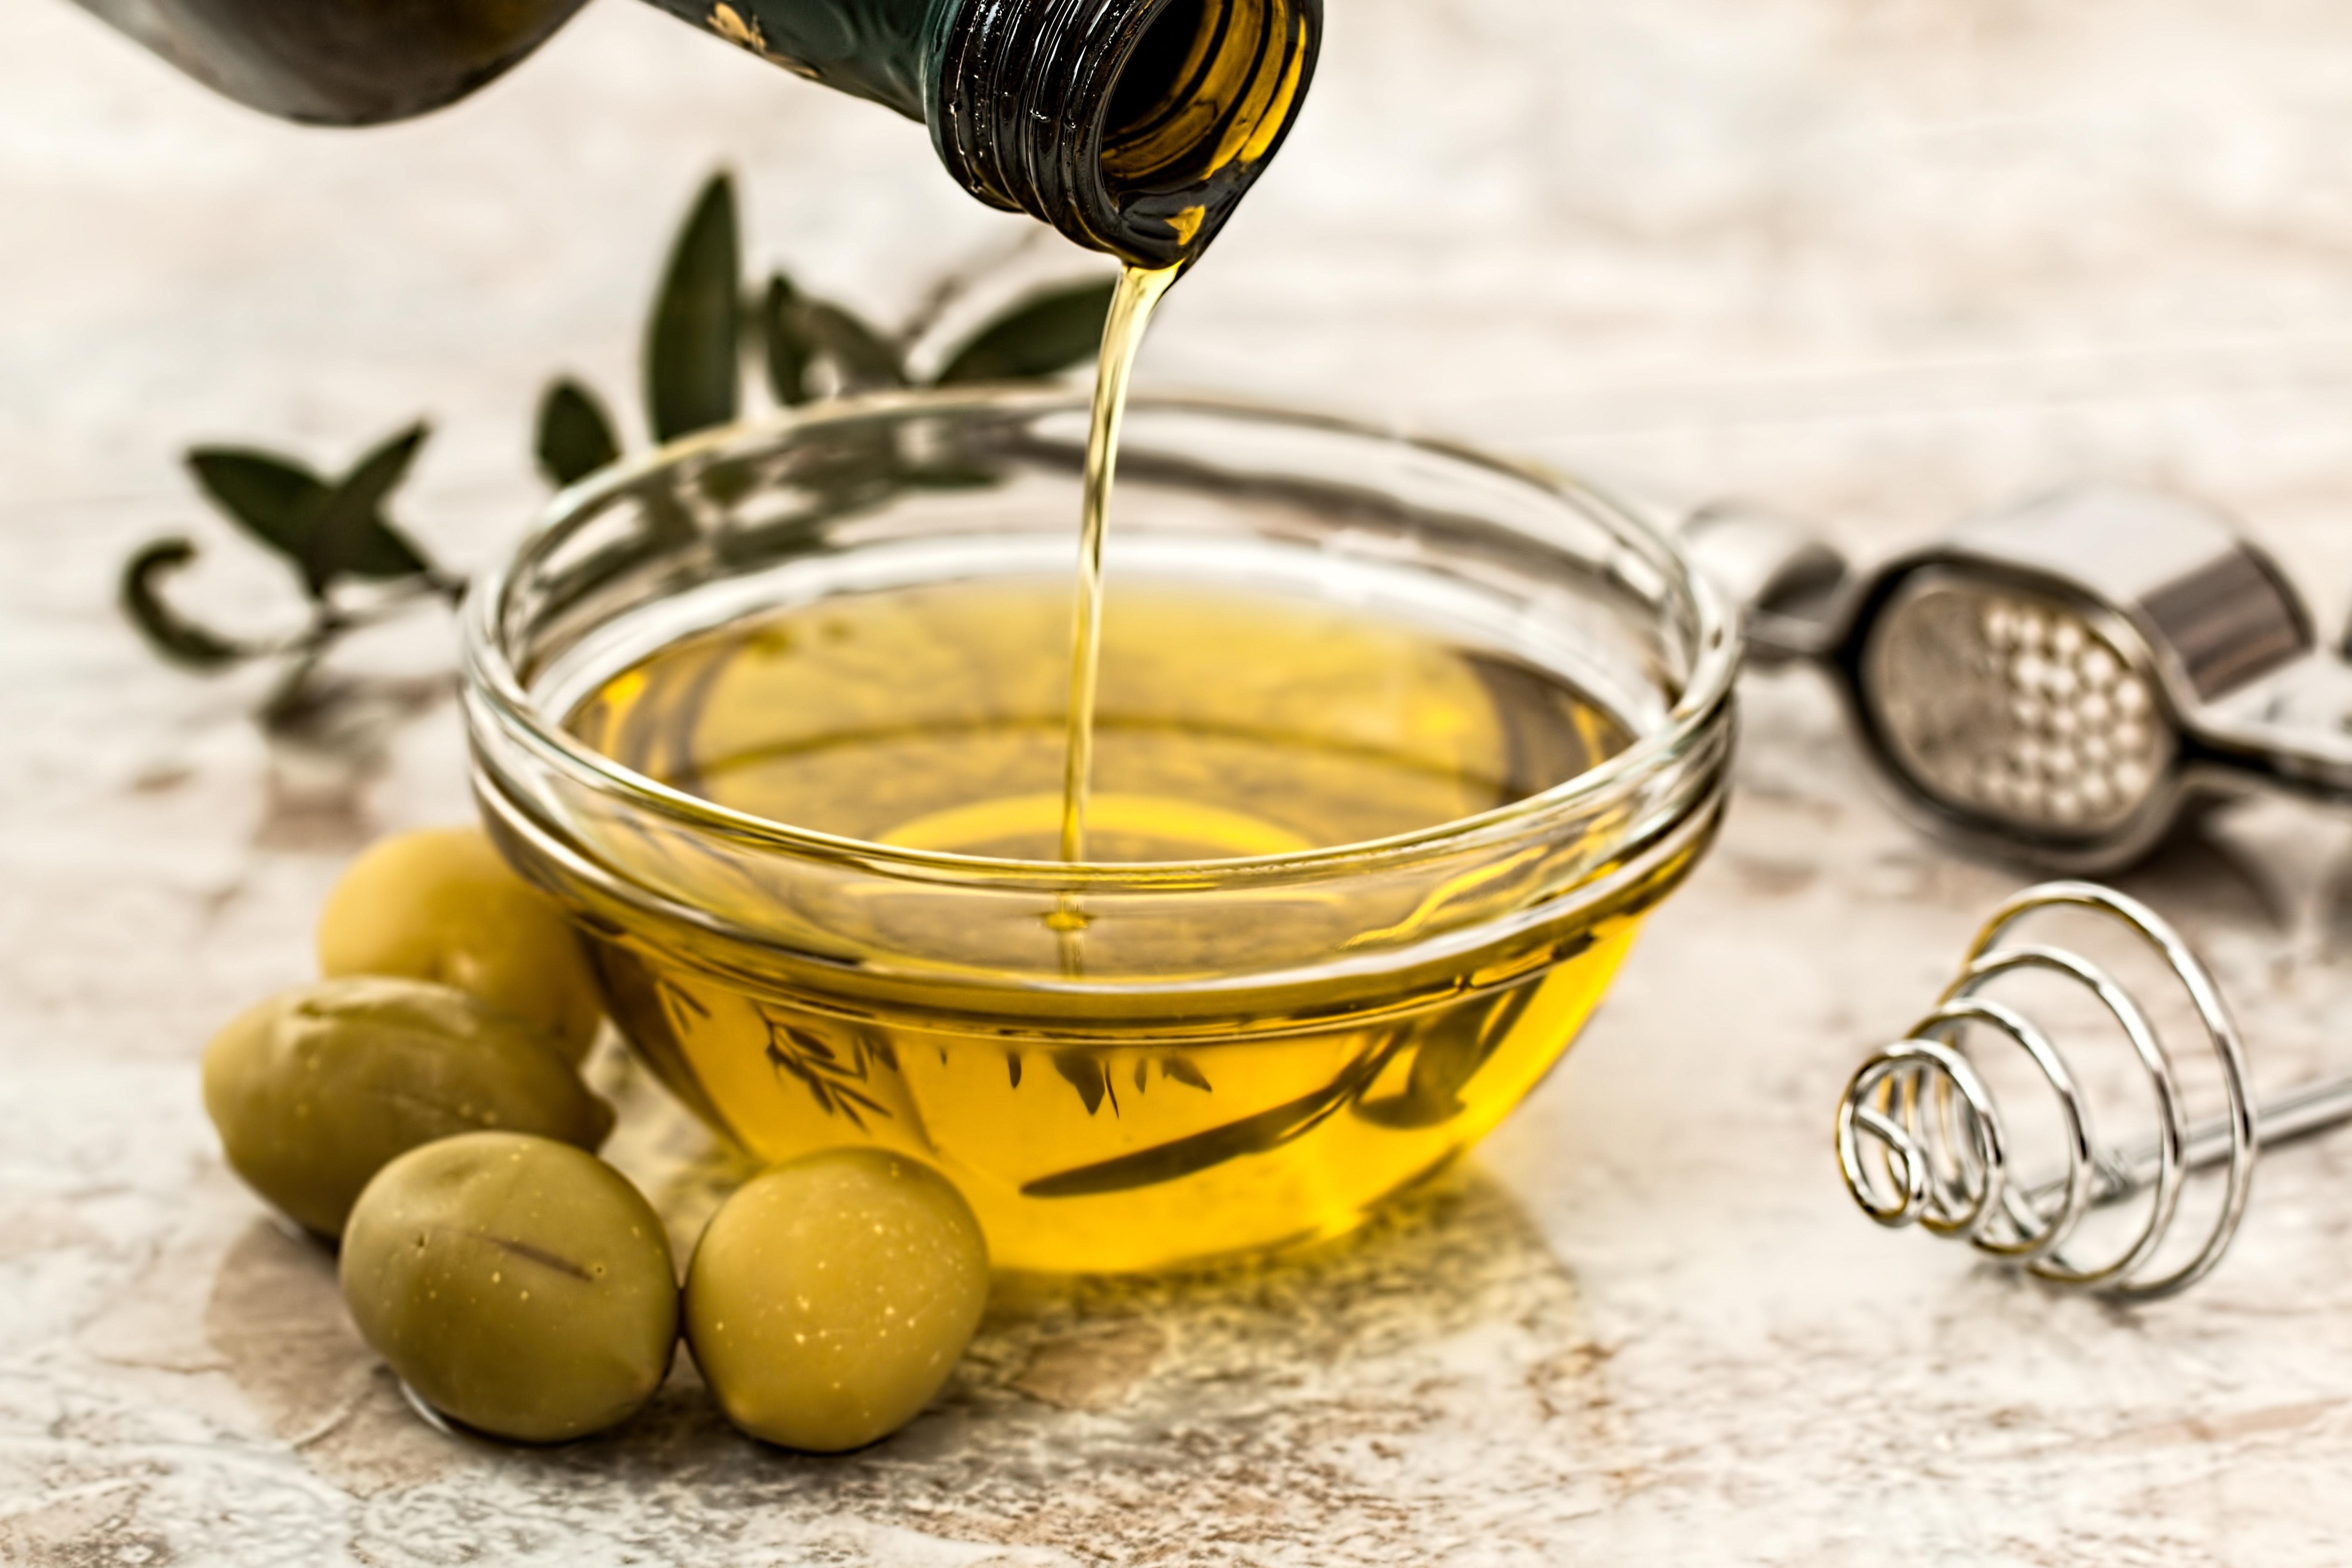 В оливковое масло иногда добавляют другие продукты: чеснок, местные травы, орехи, сушёные томаты